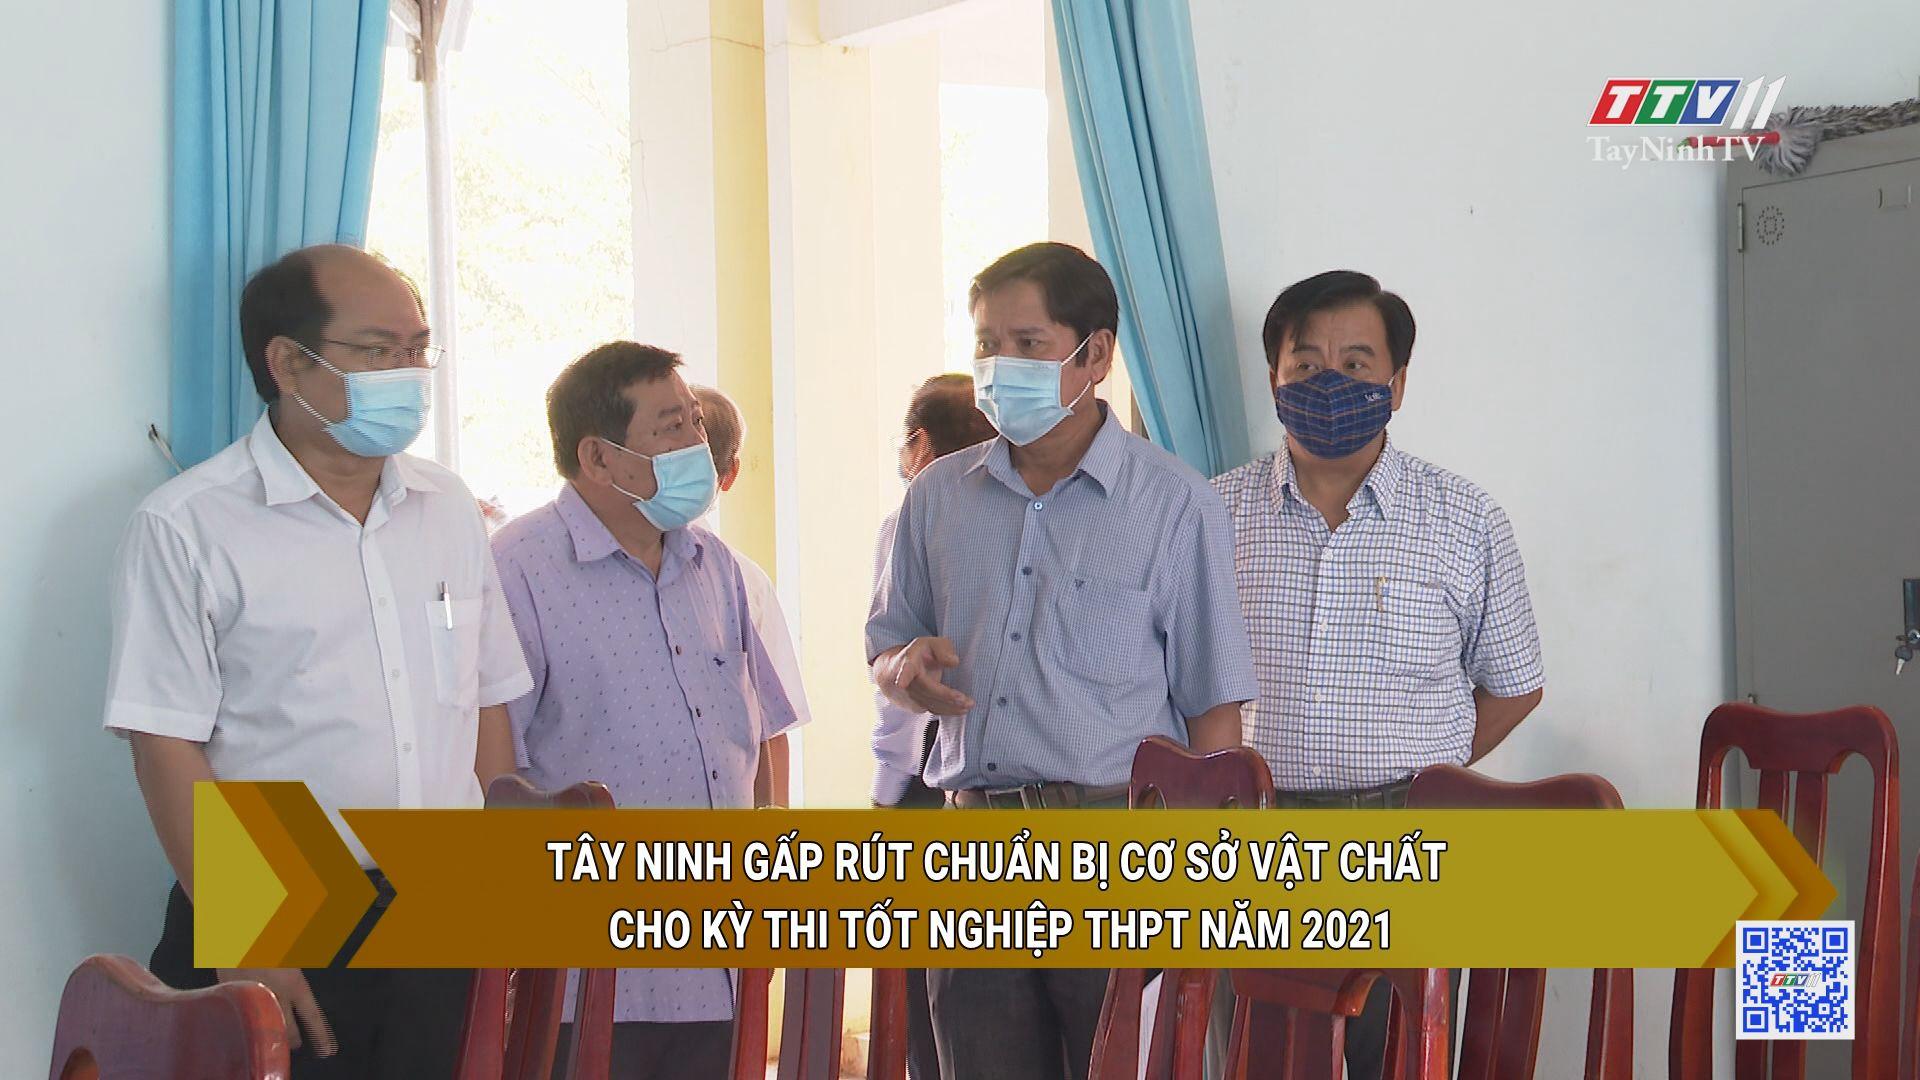 Tây Ninh gấp rút chuẩn bị cơ sở vật chất cho kỳ thi tốt nghiệp THPT năm 2021 | GIÁO DỤC VÀ ĐÀO TẠO | TayNinhTV